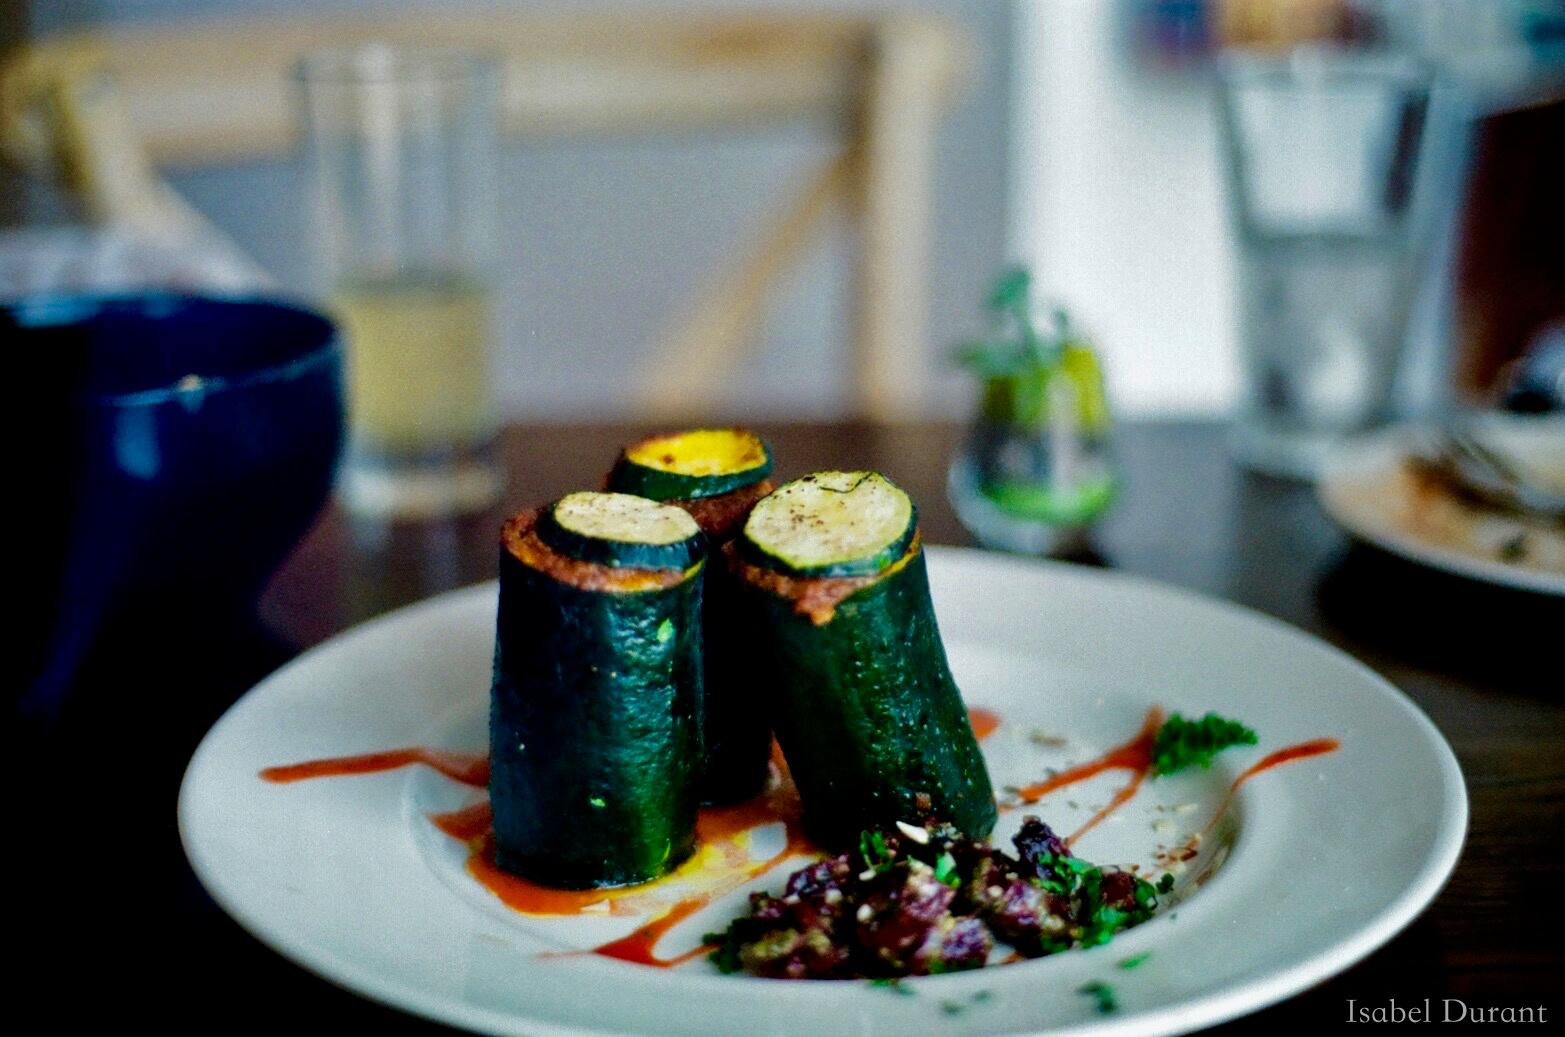 Stuffed zucchini towers